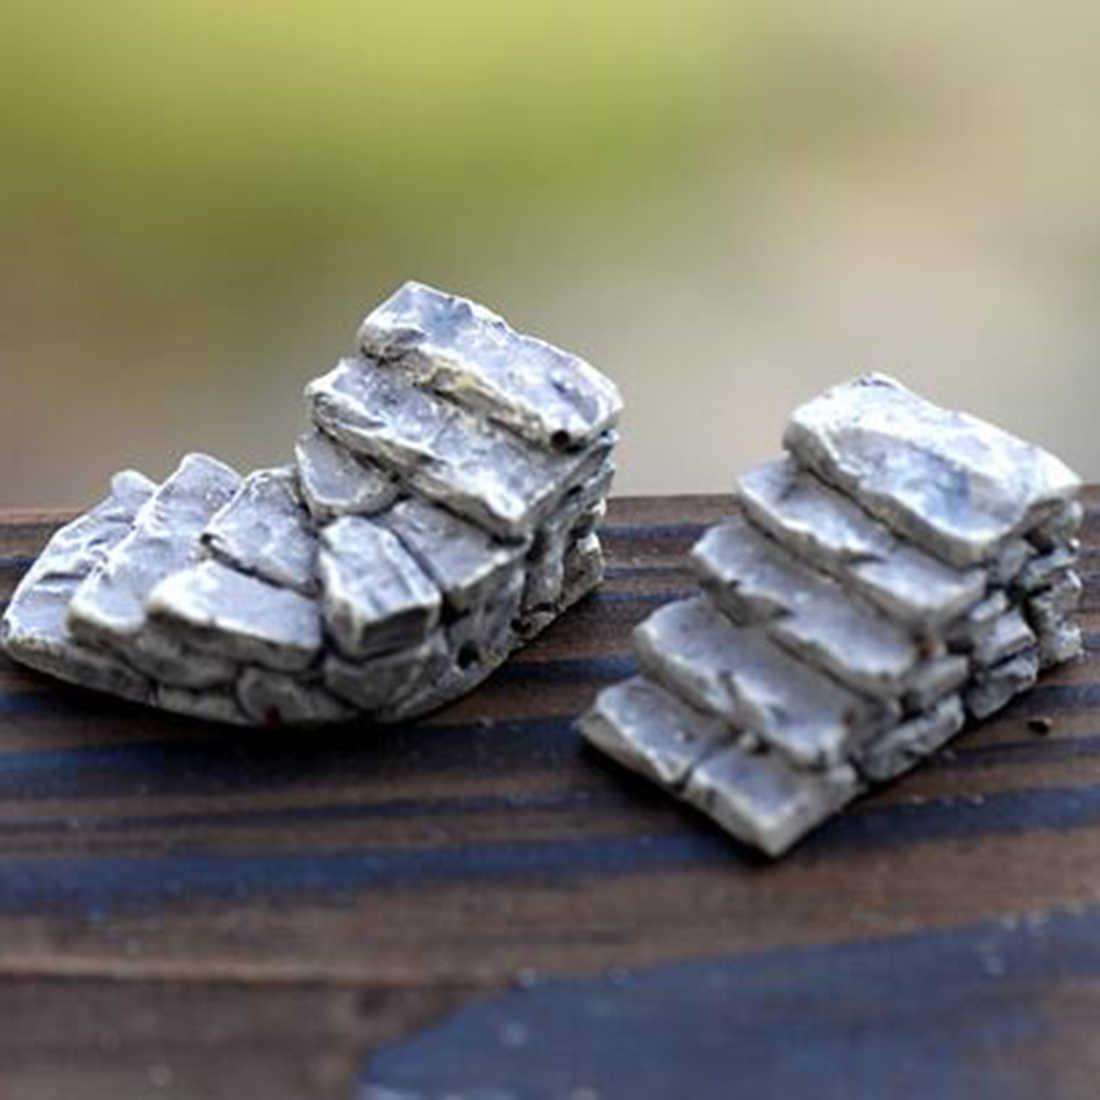 Escadas de Pedra Venda quente Figuras Estatueta Em Miniatura Mini Micro Paisagem Tanque Animal Estátua Do Jardim de Fadas Ofício da Resina